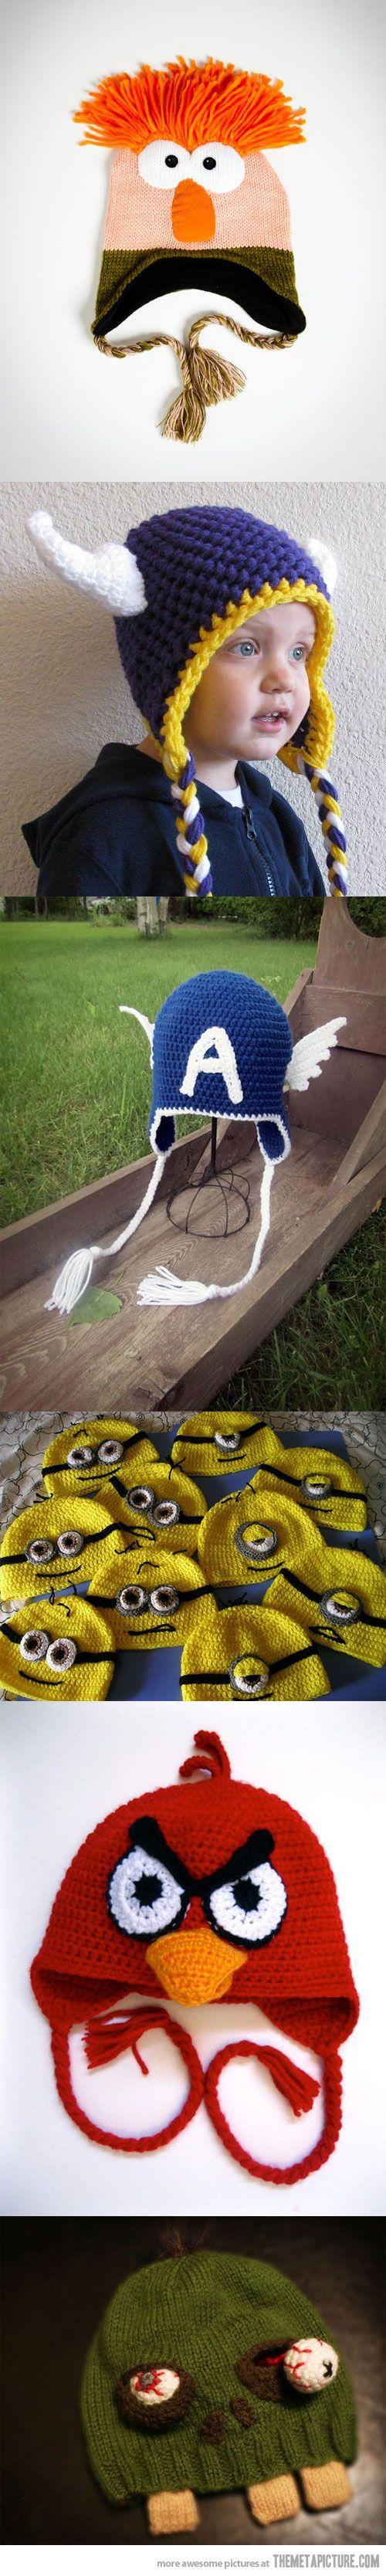 Crocheted hats... My reason to learn crochet :D